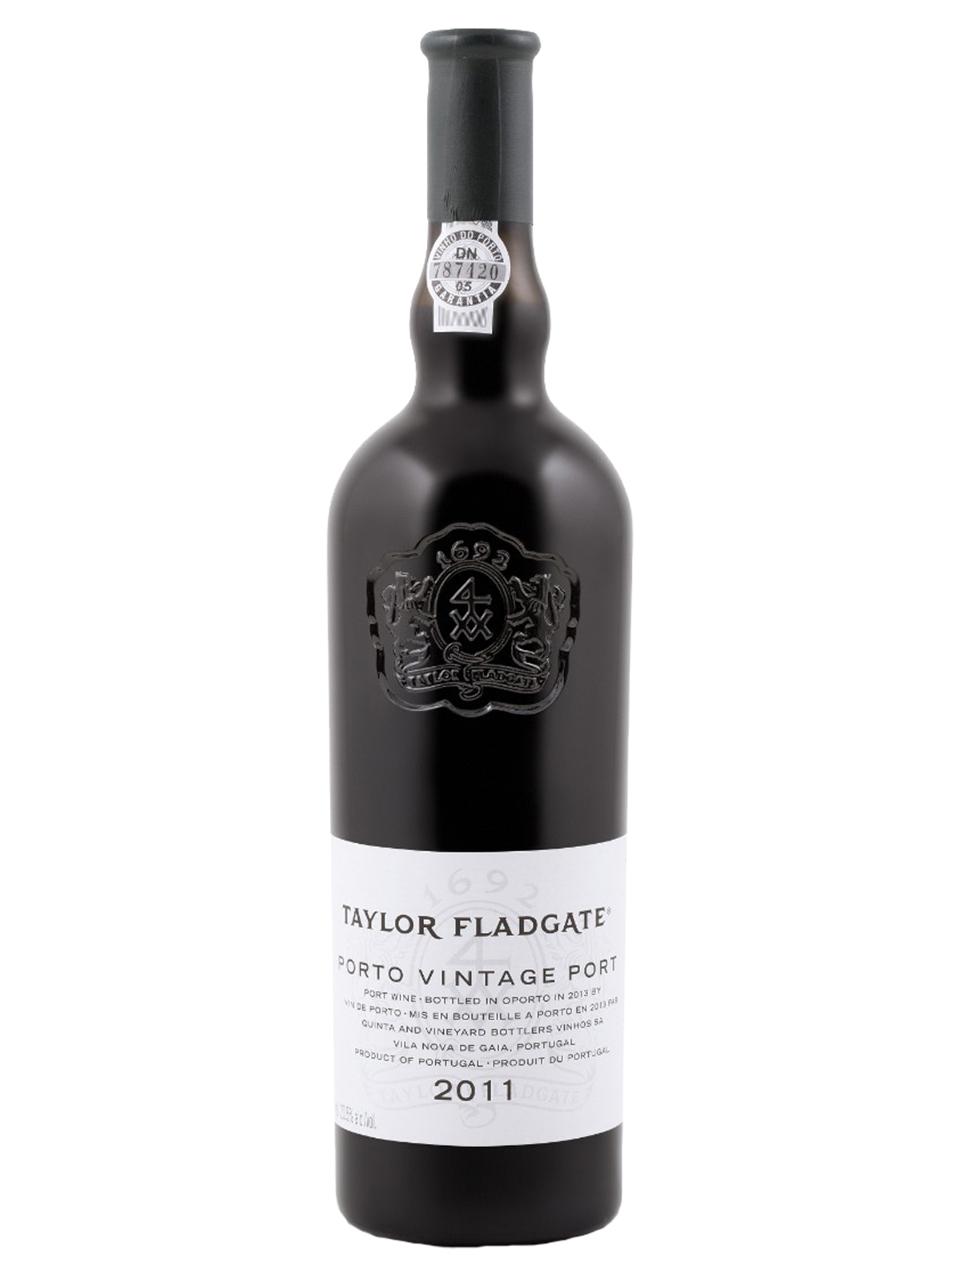 Taylor Fladgate Vintage Port 2011